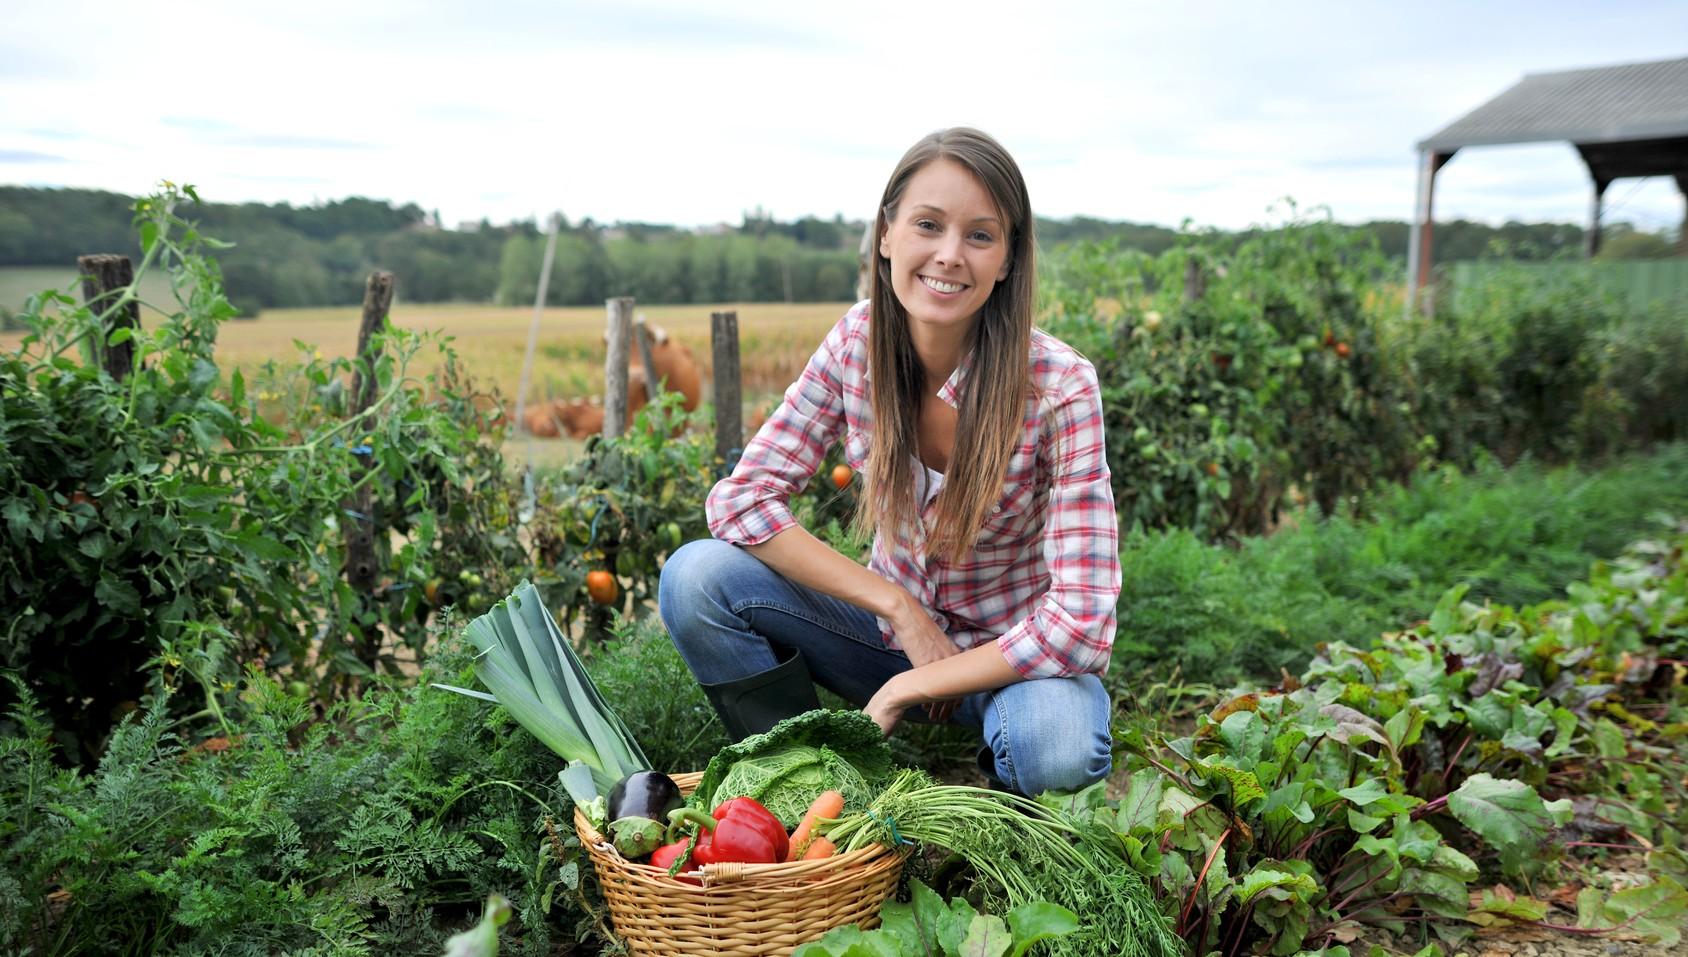 Agricoltura-e-giovani-PD-e1409570637704